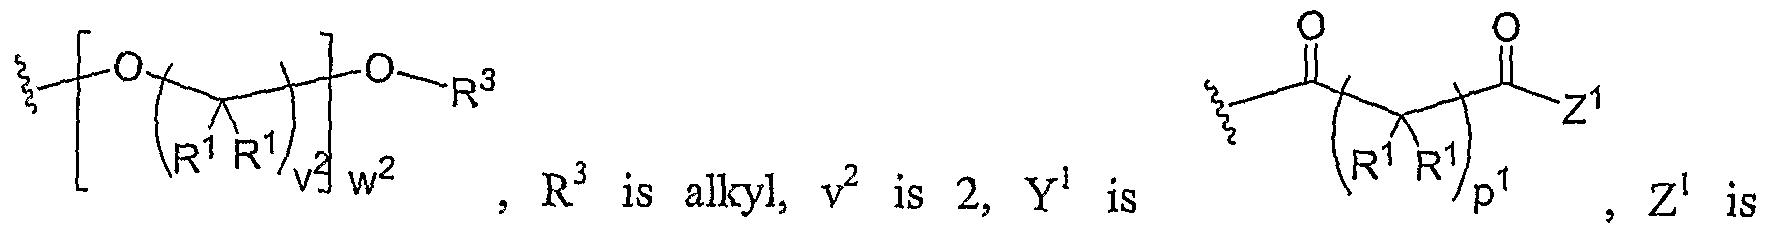 Figure imgf000327_0005